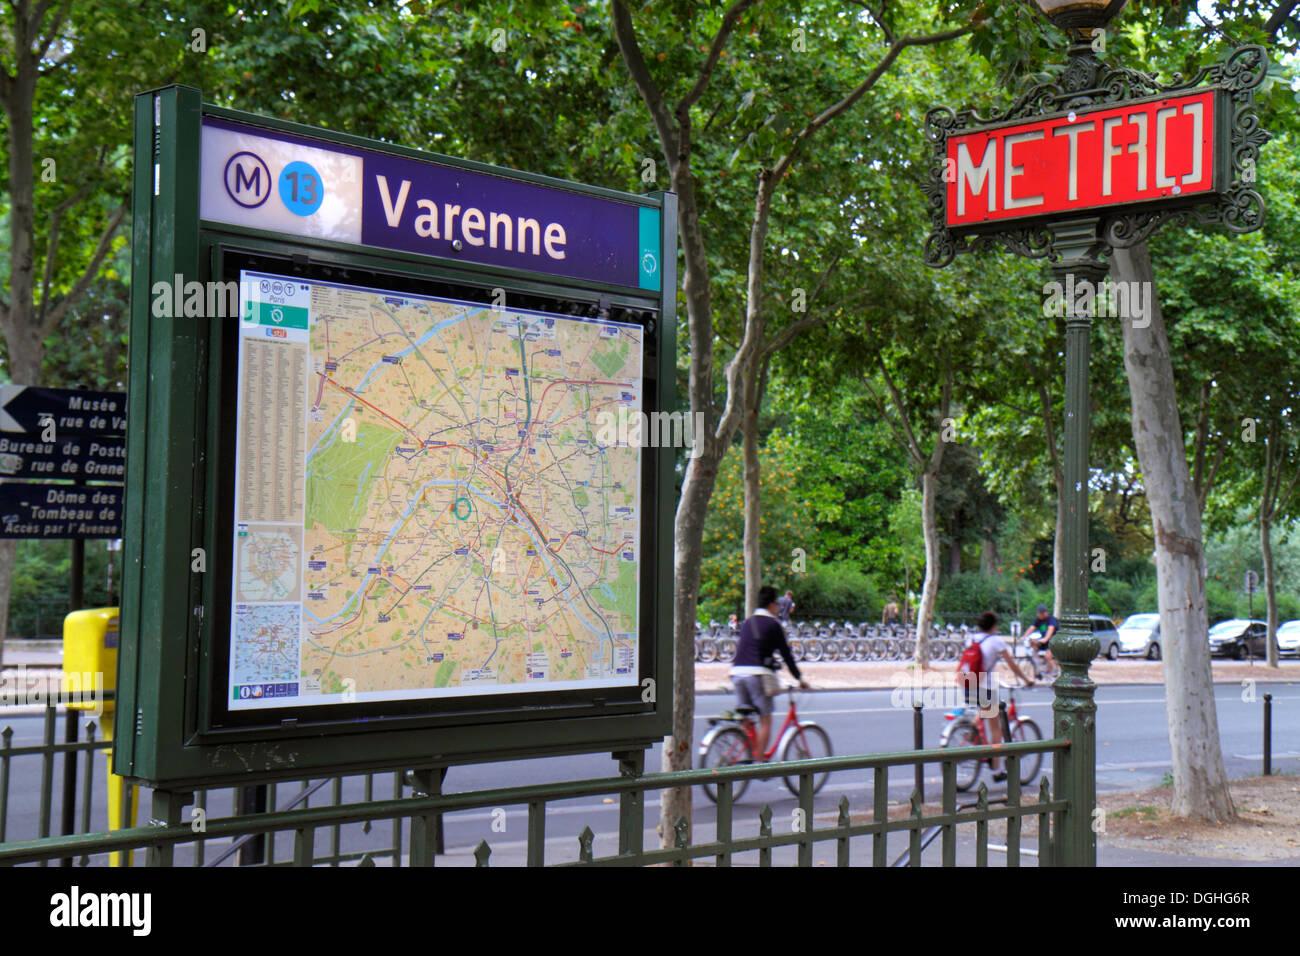 Paris France Europe French 7th arrondissement Boulevard des Invalides Varenne Metro Station Line 13 subway public Stock Photo